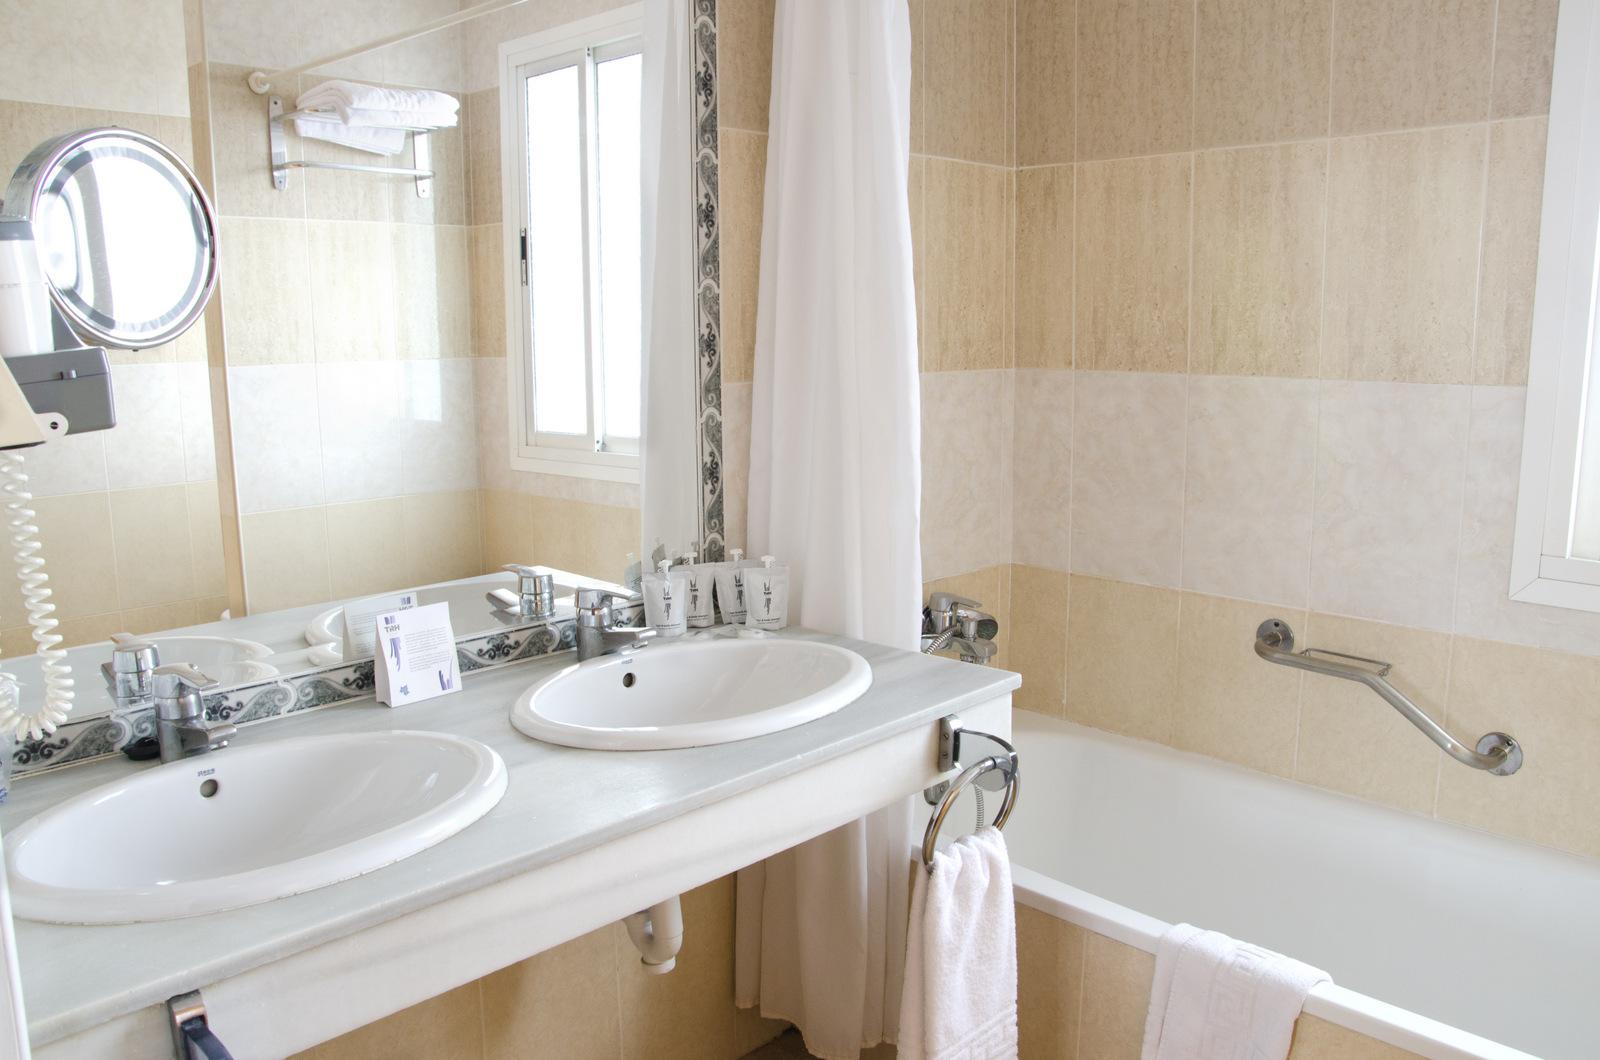 Fotos hotel trh para so estepona web oficial - Amenities en el bano ...